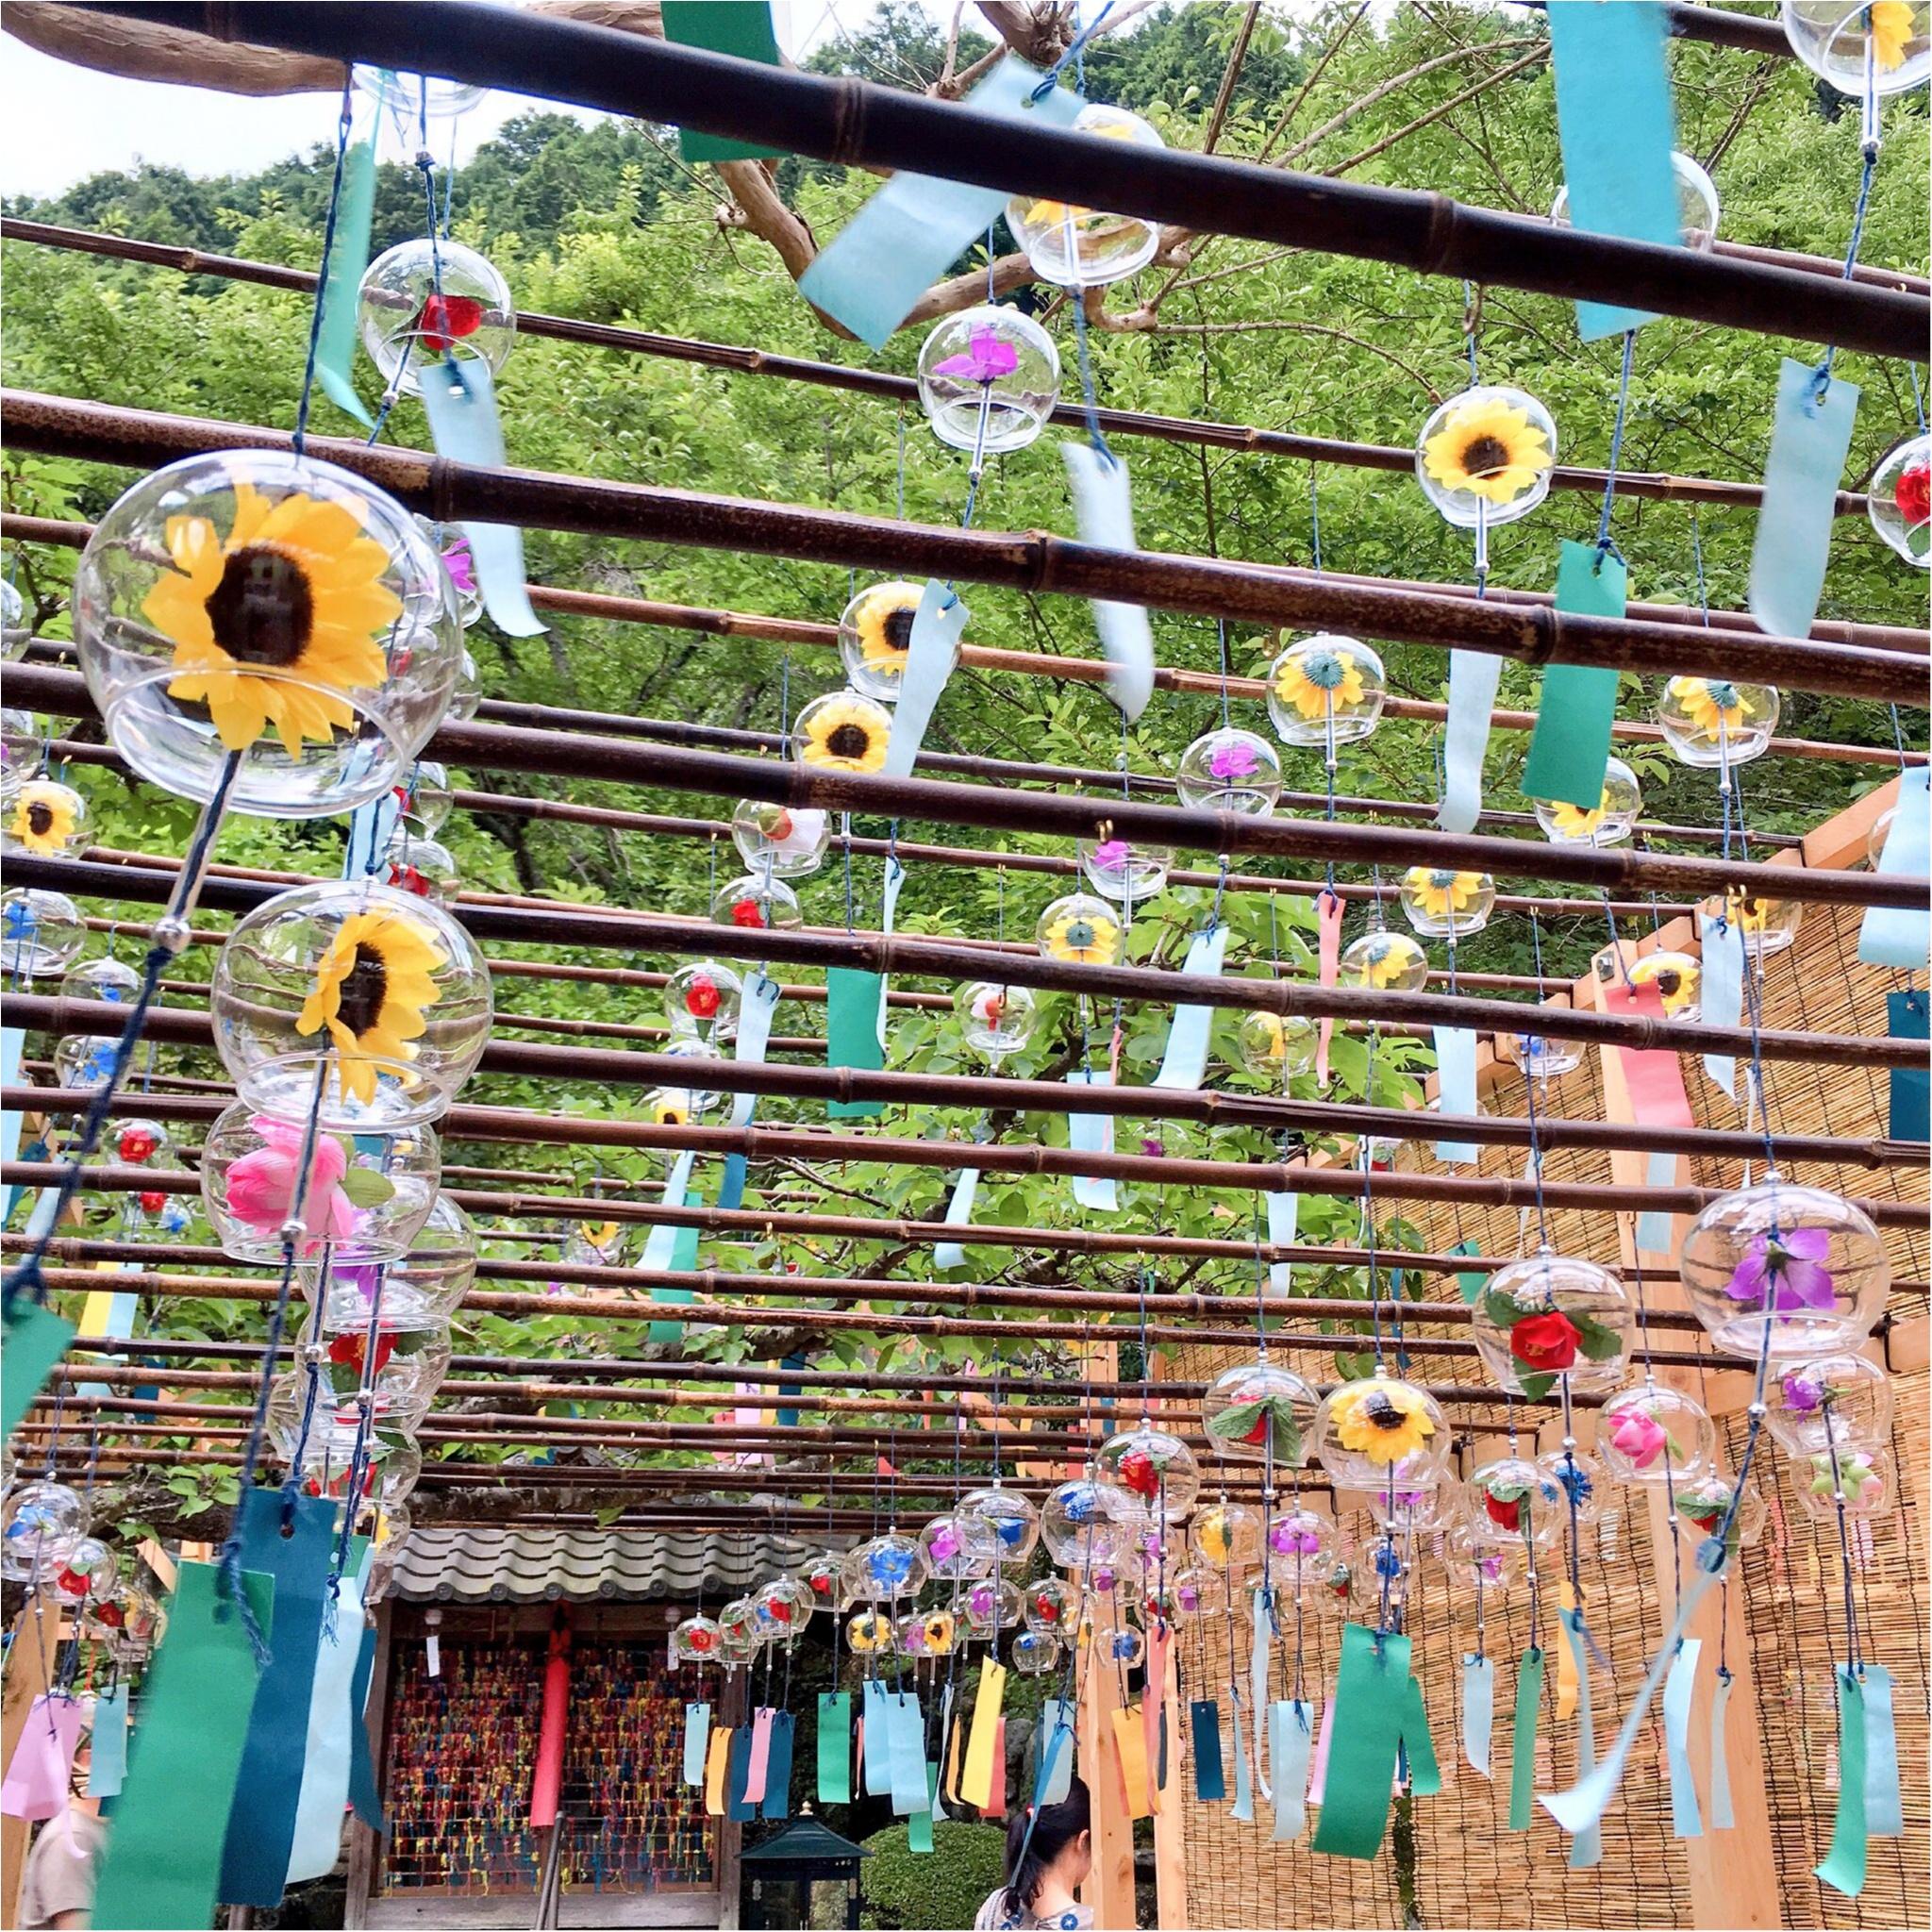 【フォトジェニックすぎる寺院】京都『正寿院』の魅力を紹介しちゃいます♡_11